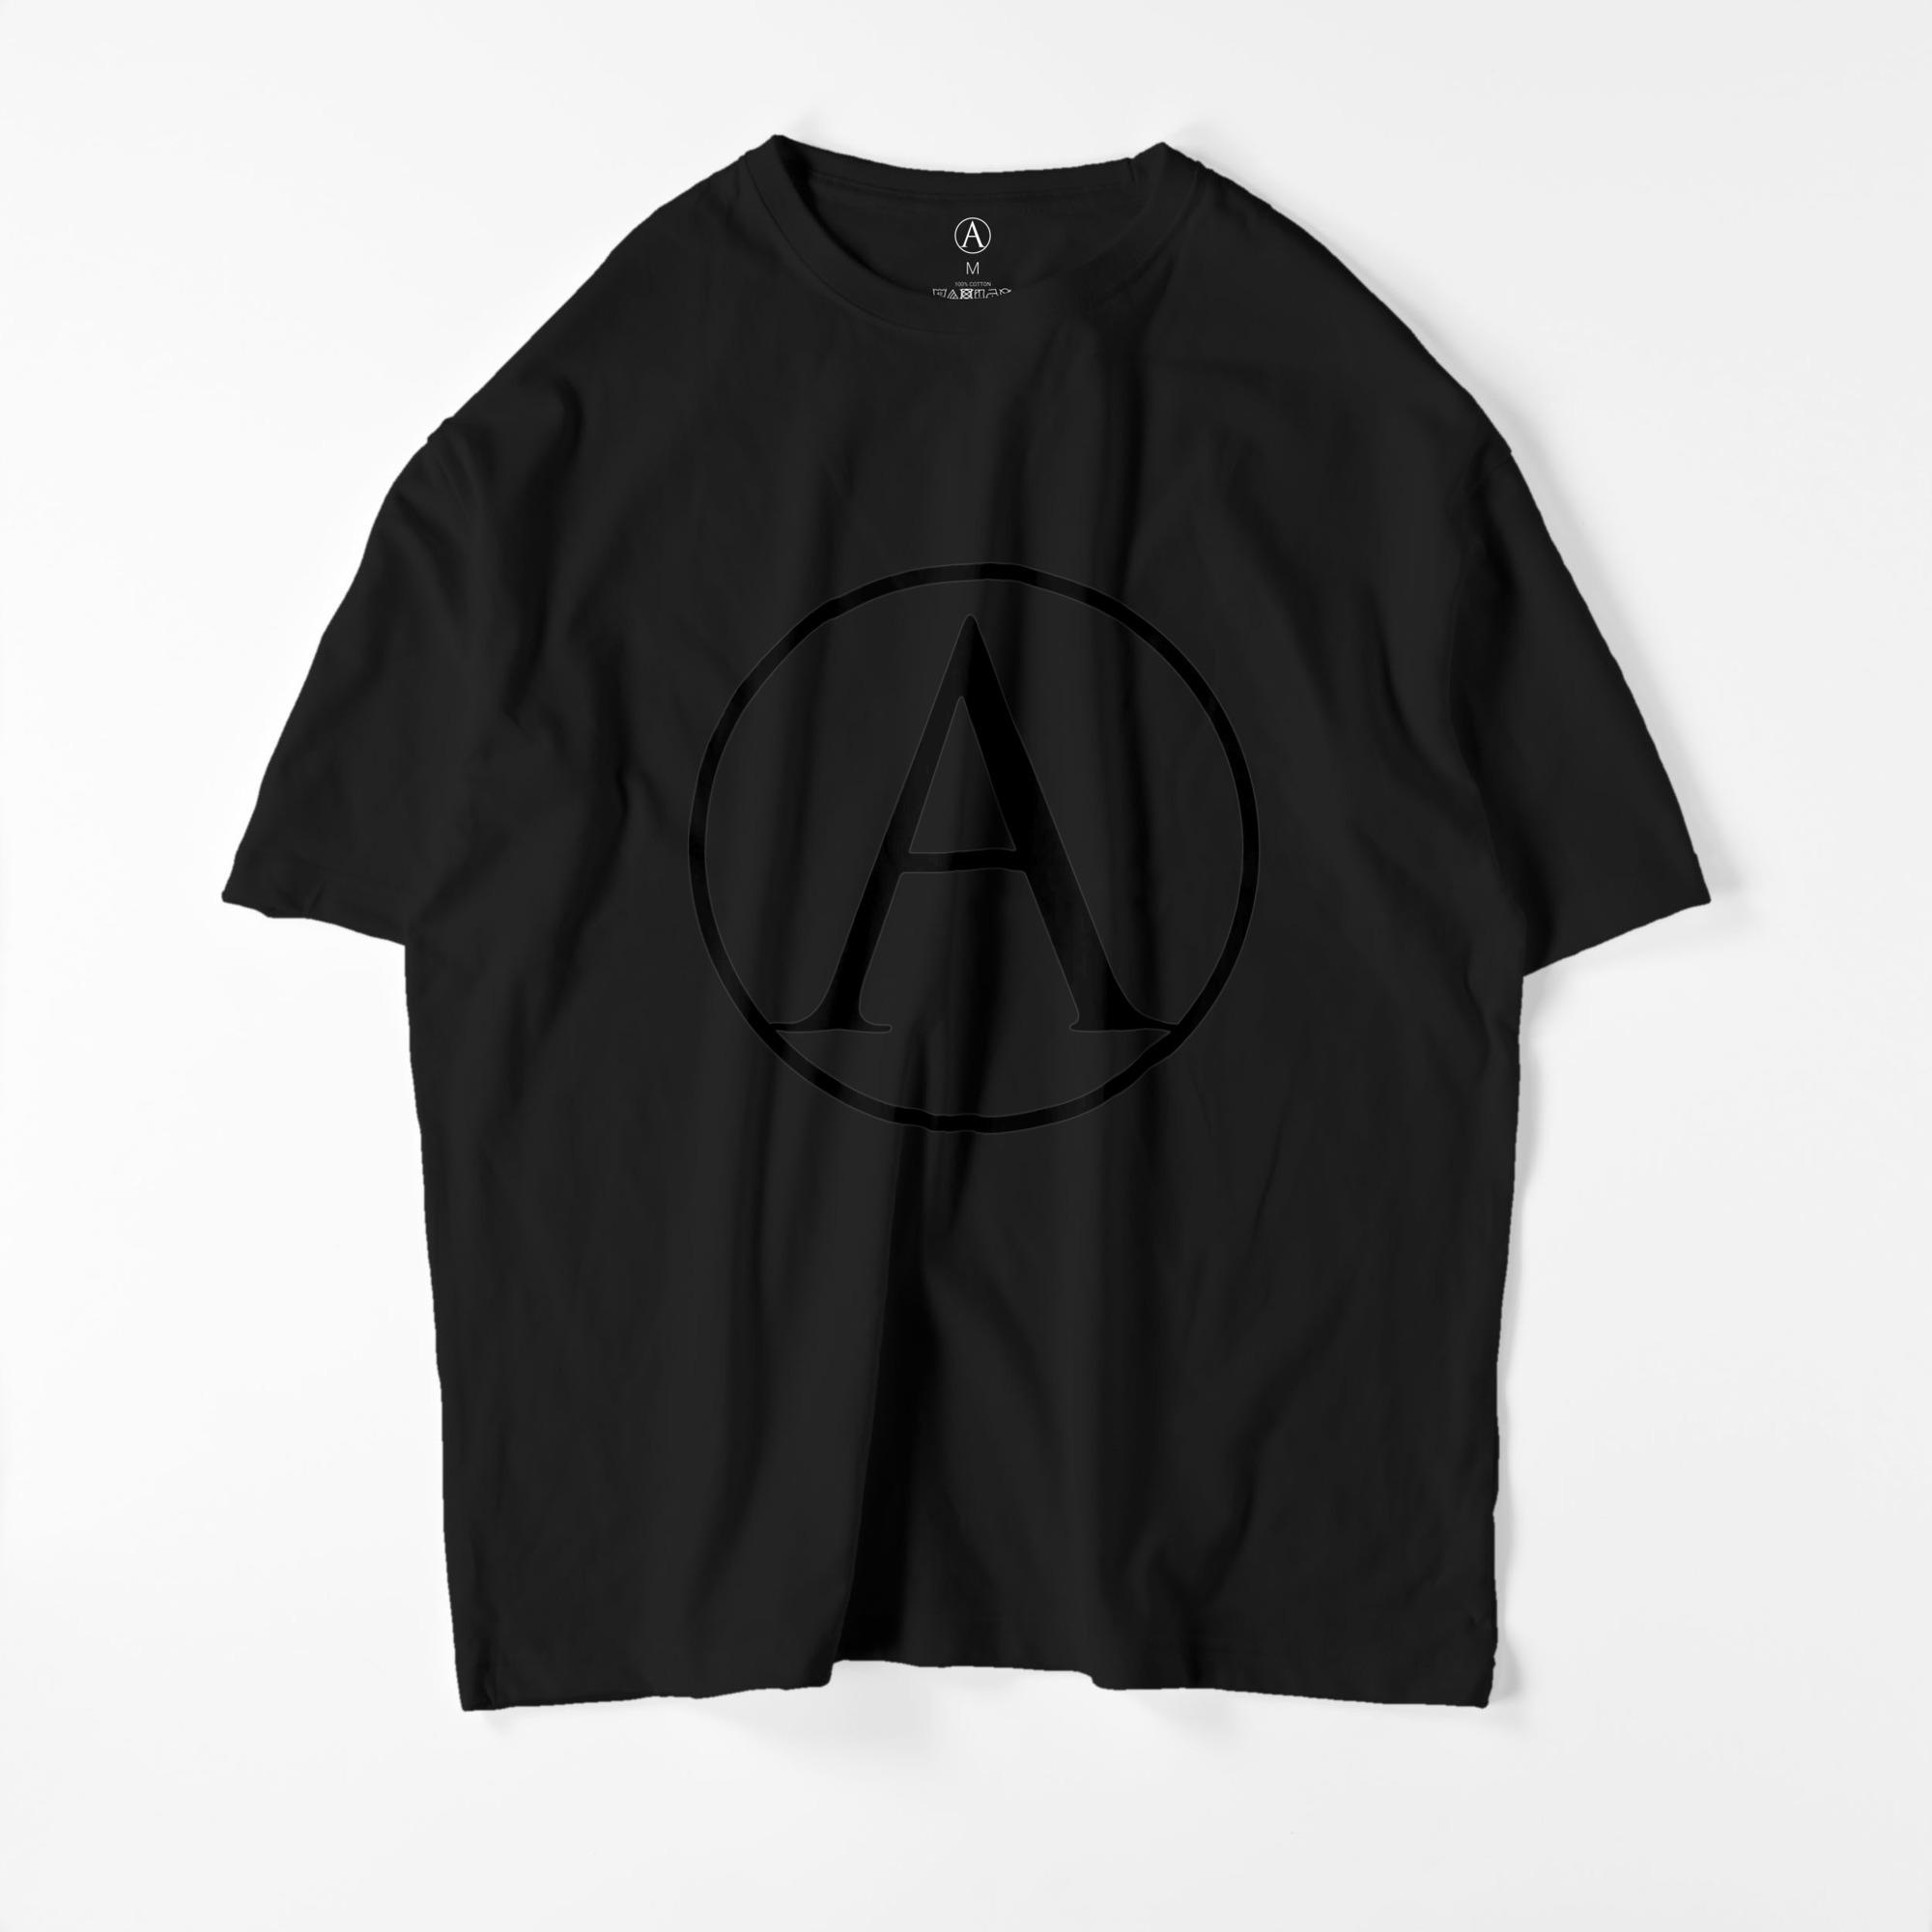 A ビッグシルエットTシャツ ブラック / Mens